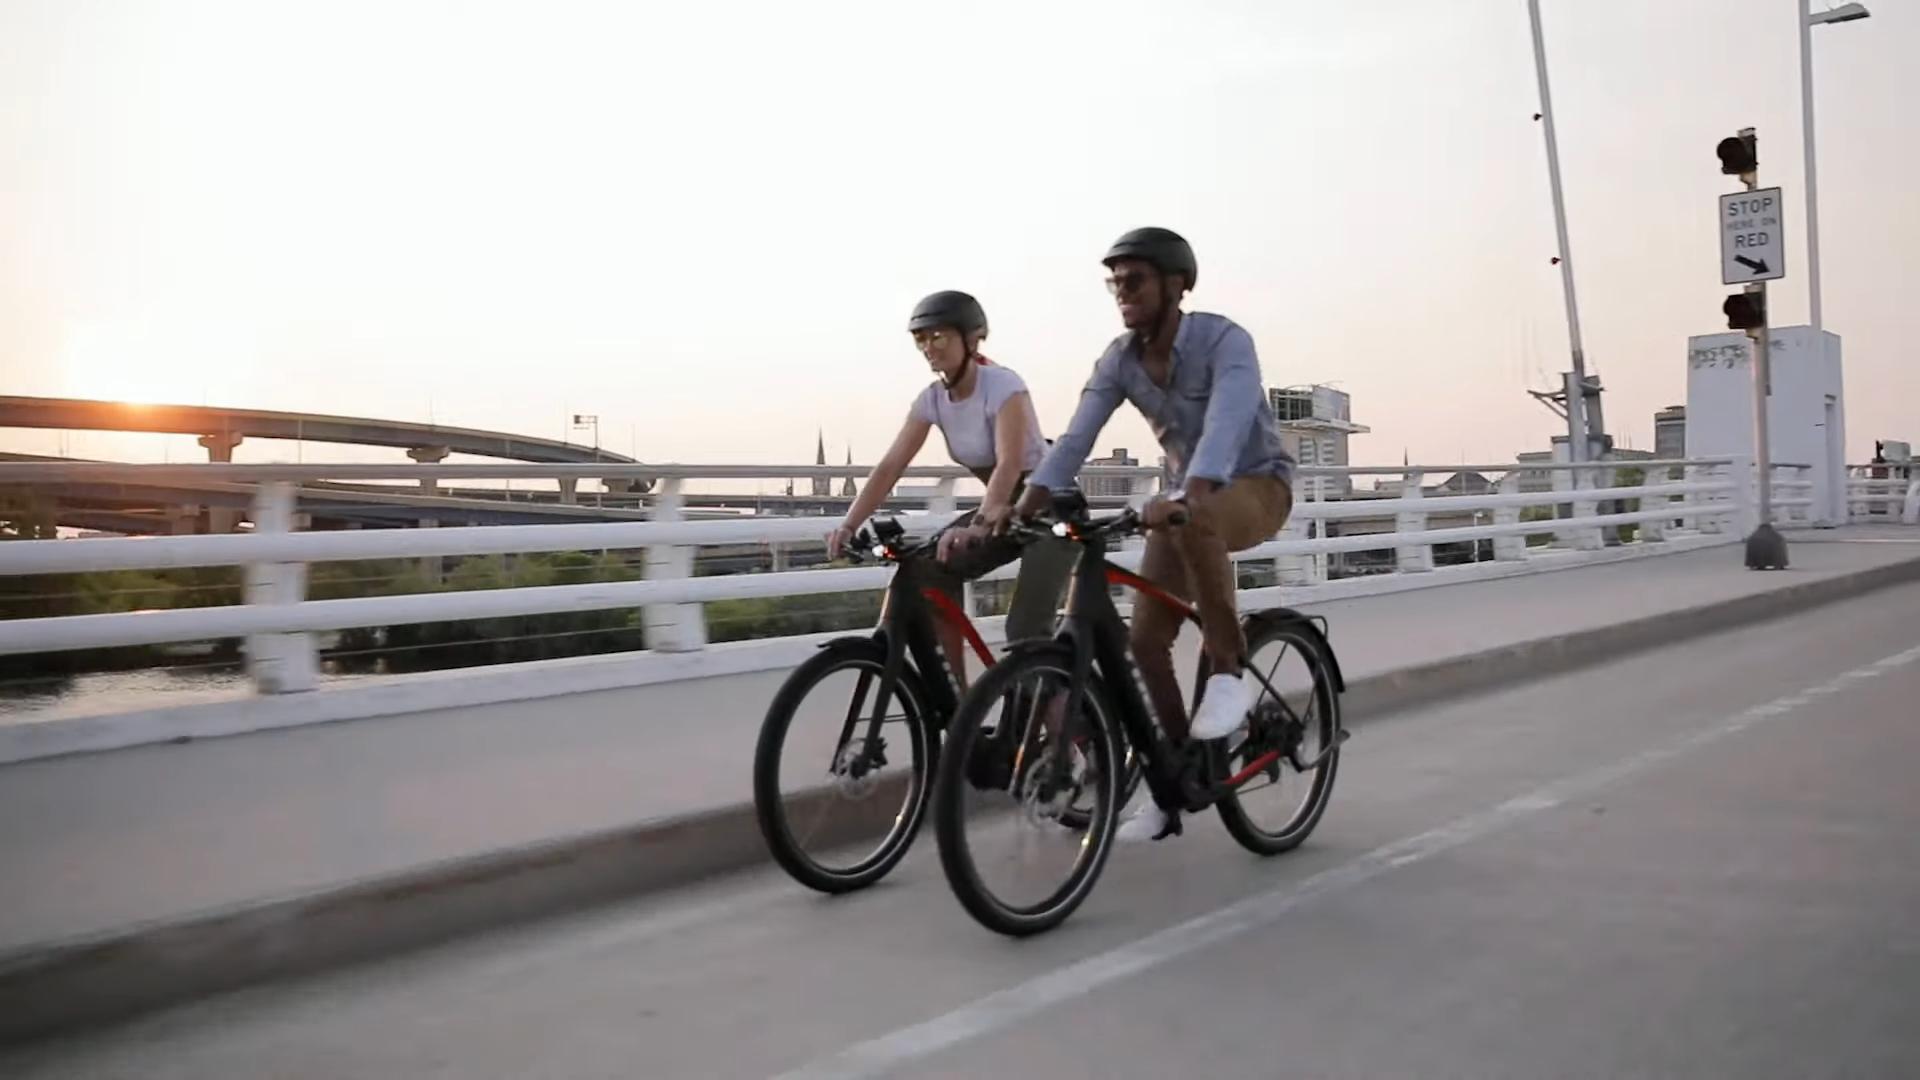 Trek Allant+ 9.9S best commuter e-bike